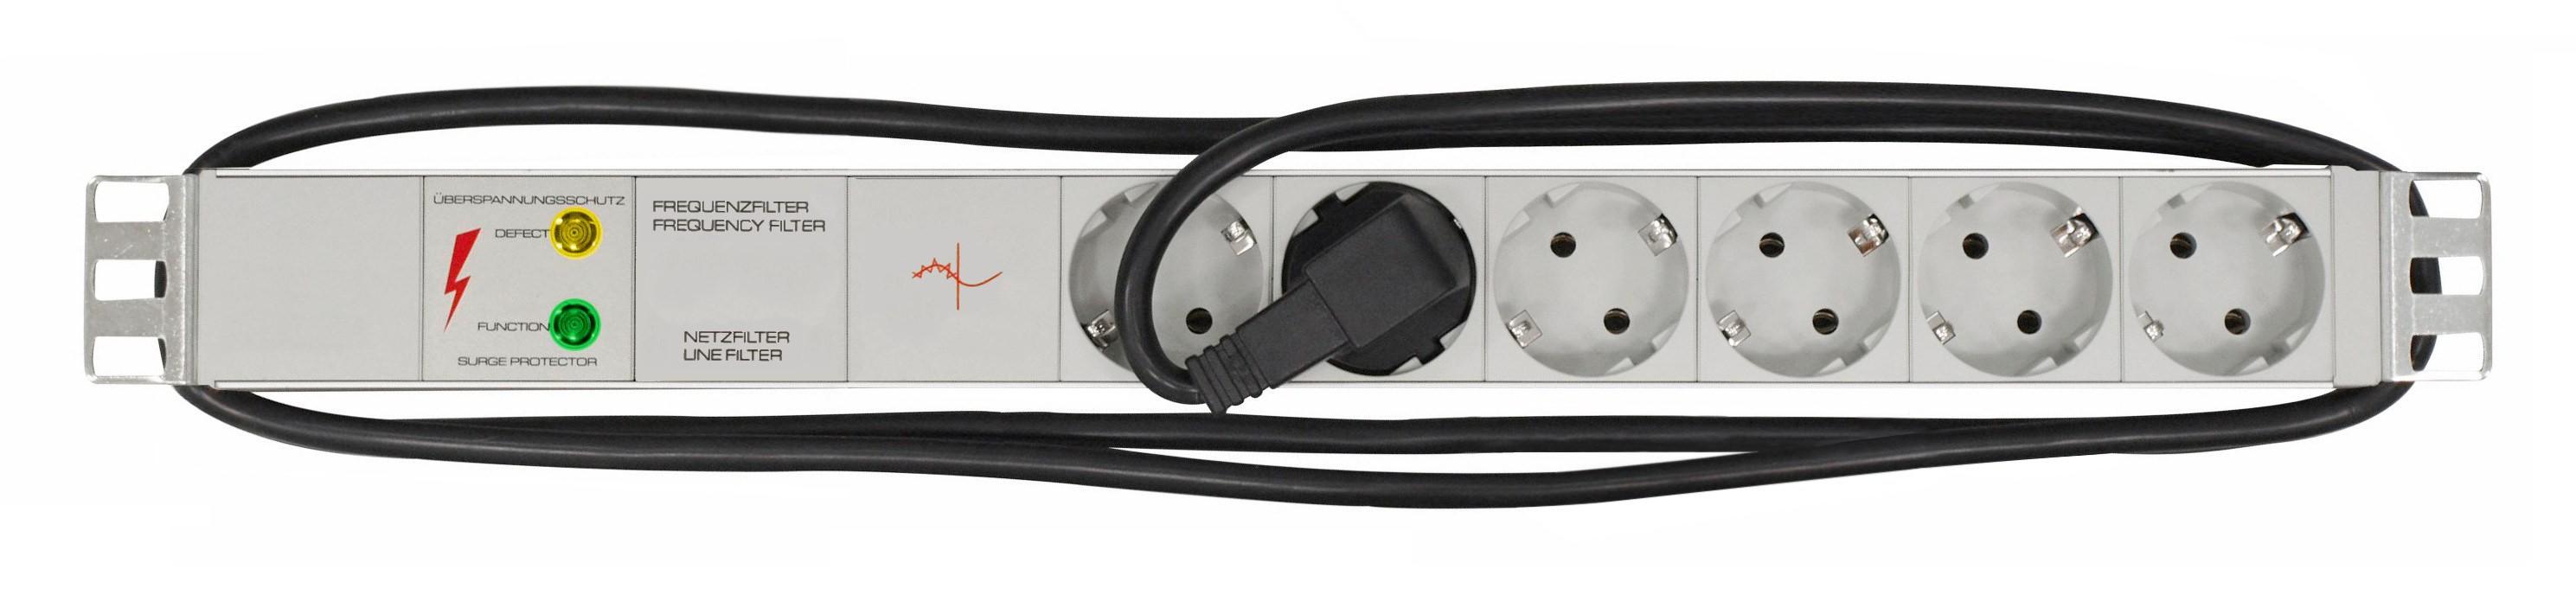 1 Stk 19 Netzleiste 6xSchuko mit Überspannungsschutz, Netz- und IU070118--